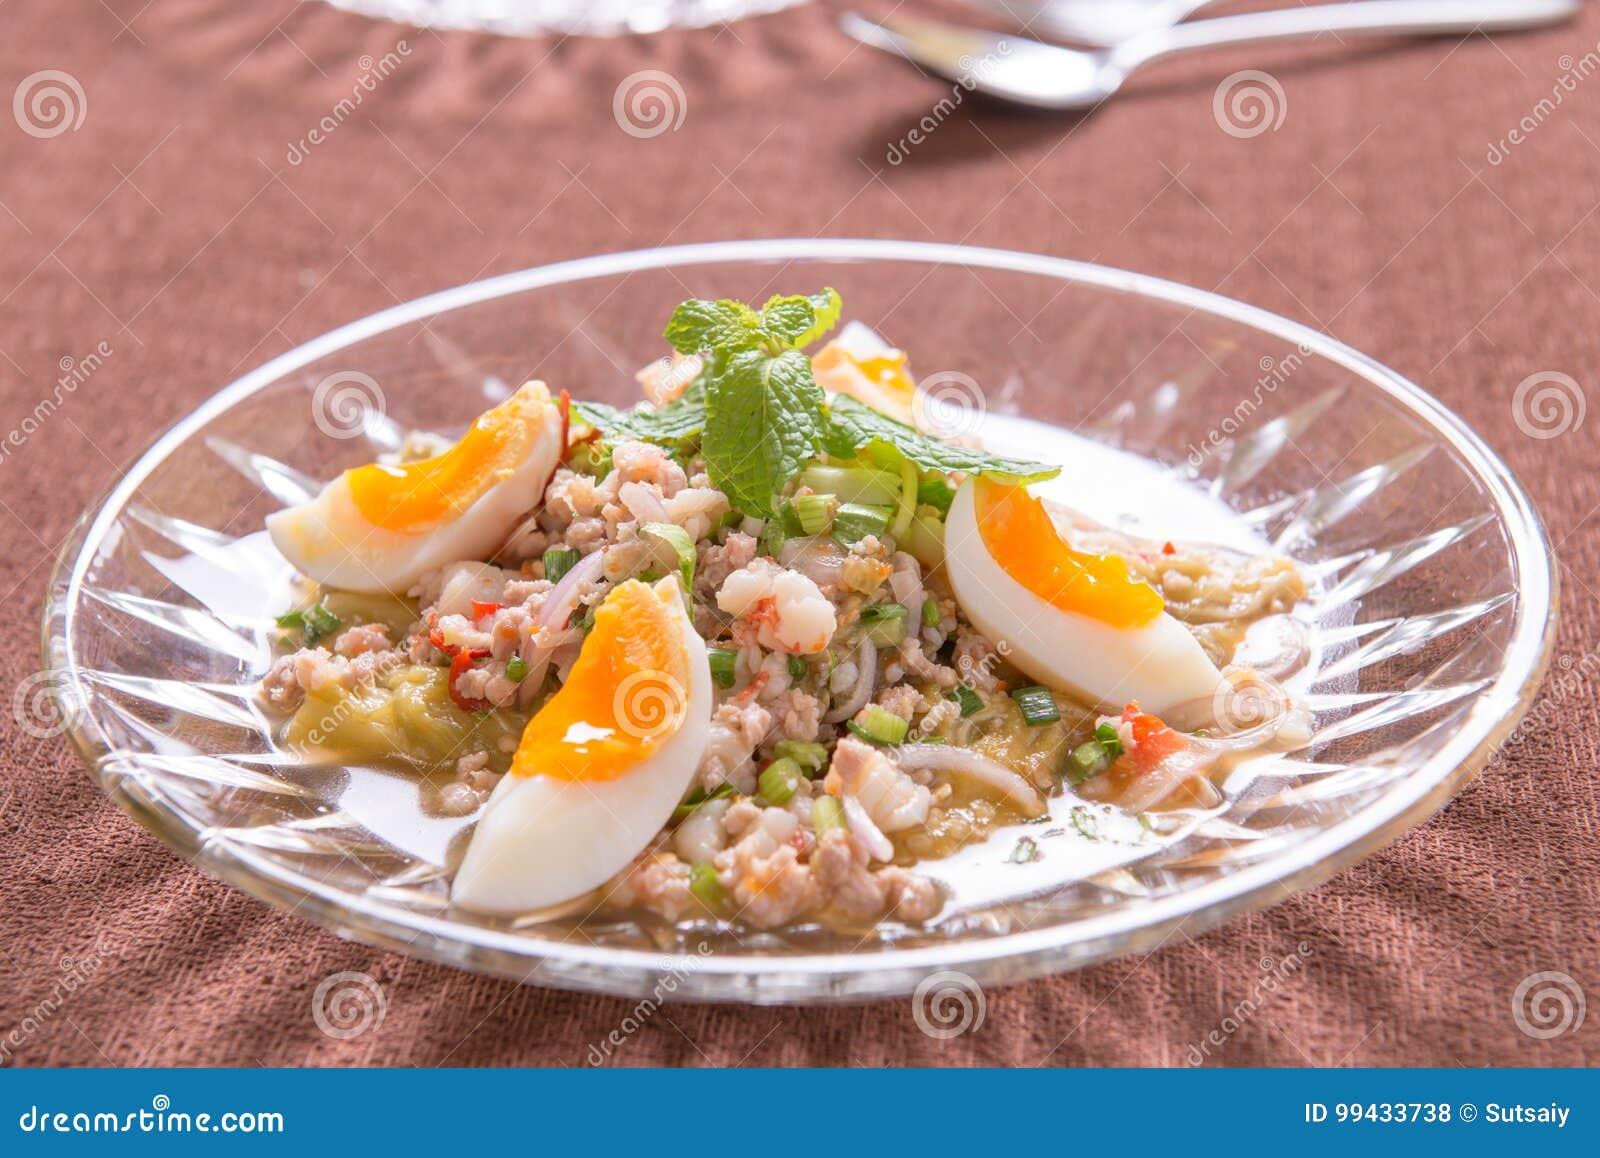 辣猪肉和鸡蛋